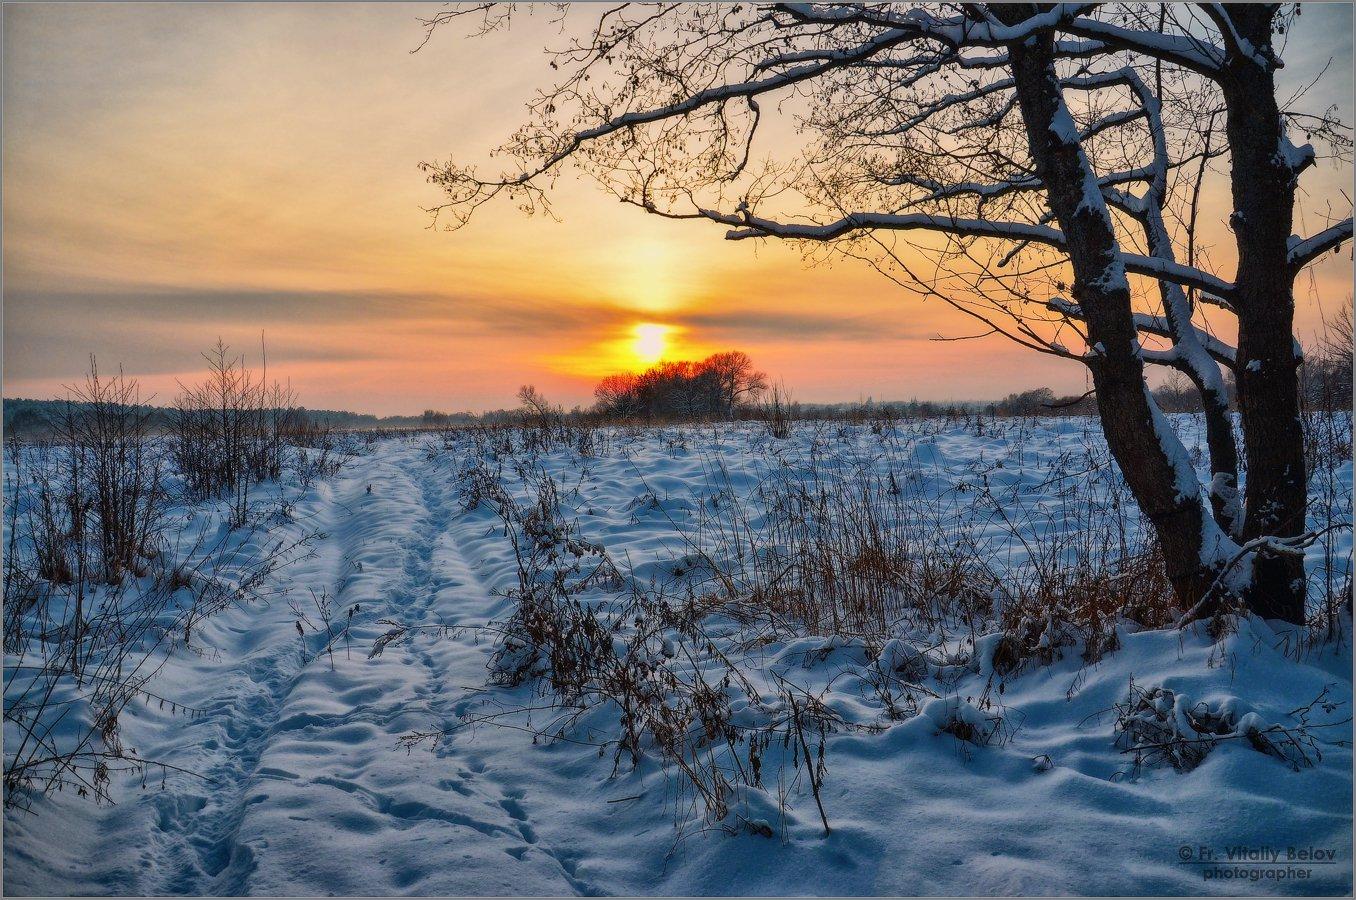 Краски зимнего заката (снимок сделан 9 декабря 2012 г.)